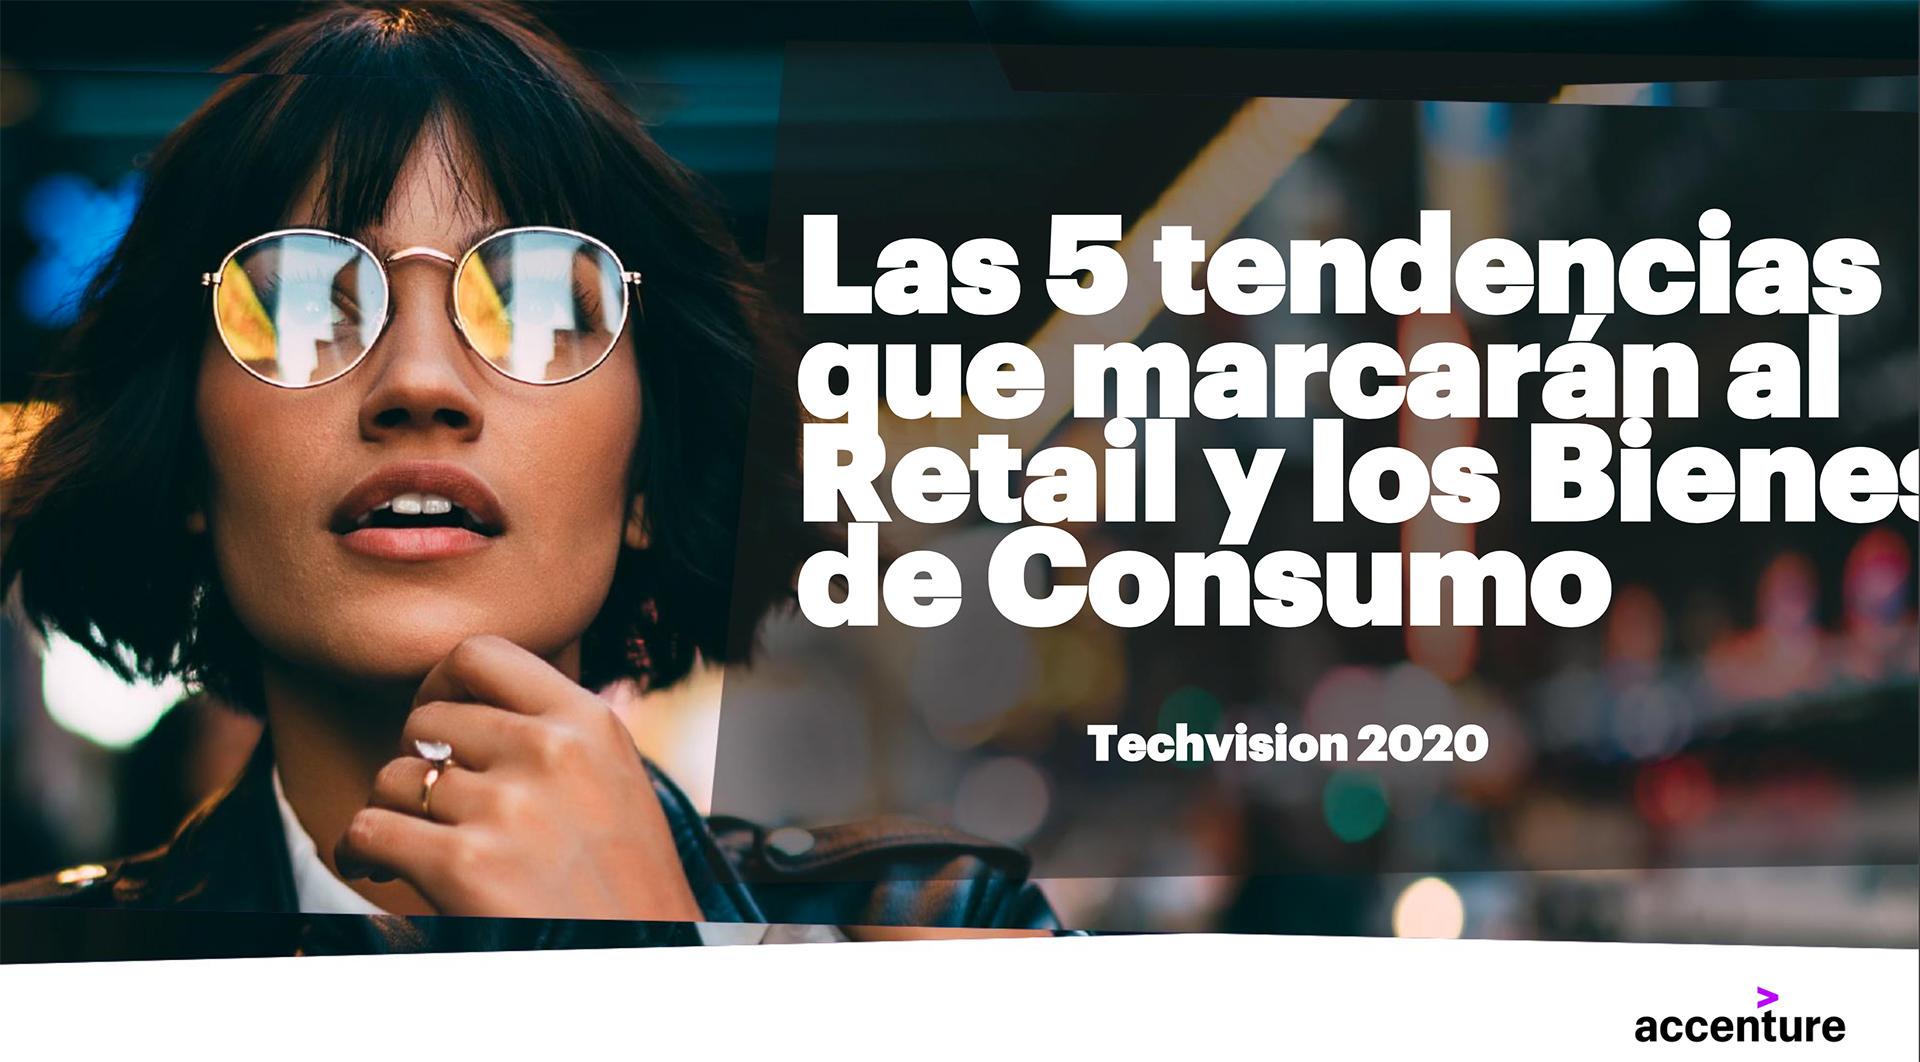 TechVision de Accenture muestra importantes desafíos en transformación digital de la industria de retail y bienes de consumo chilena